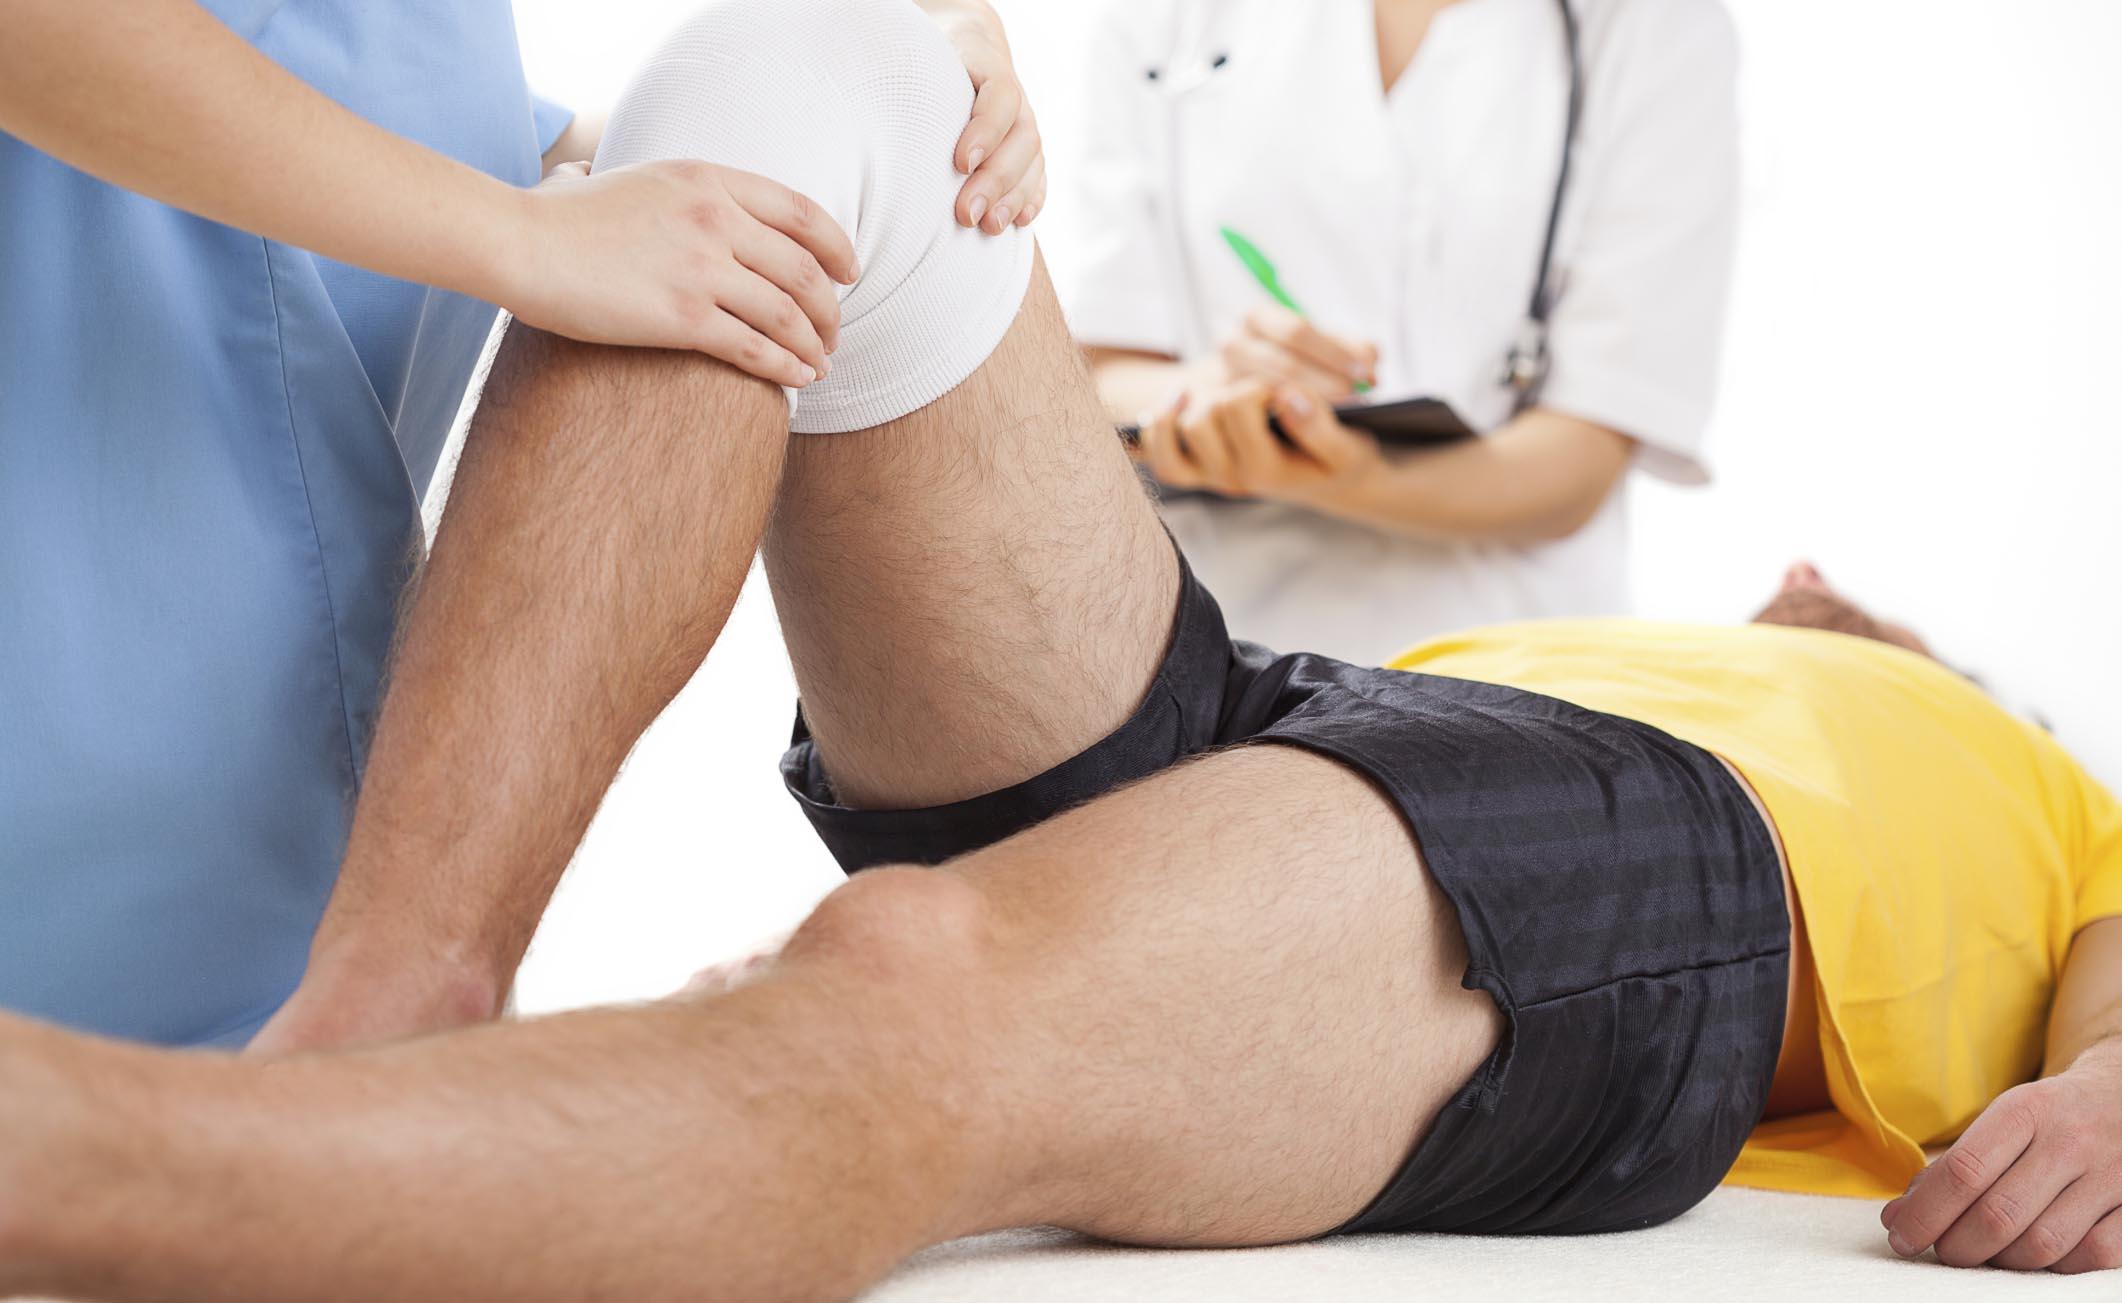 Intervento chirurgico al ginocchio: risolutivo o effetto placebo?